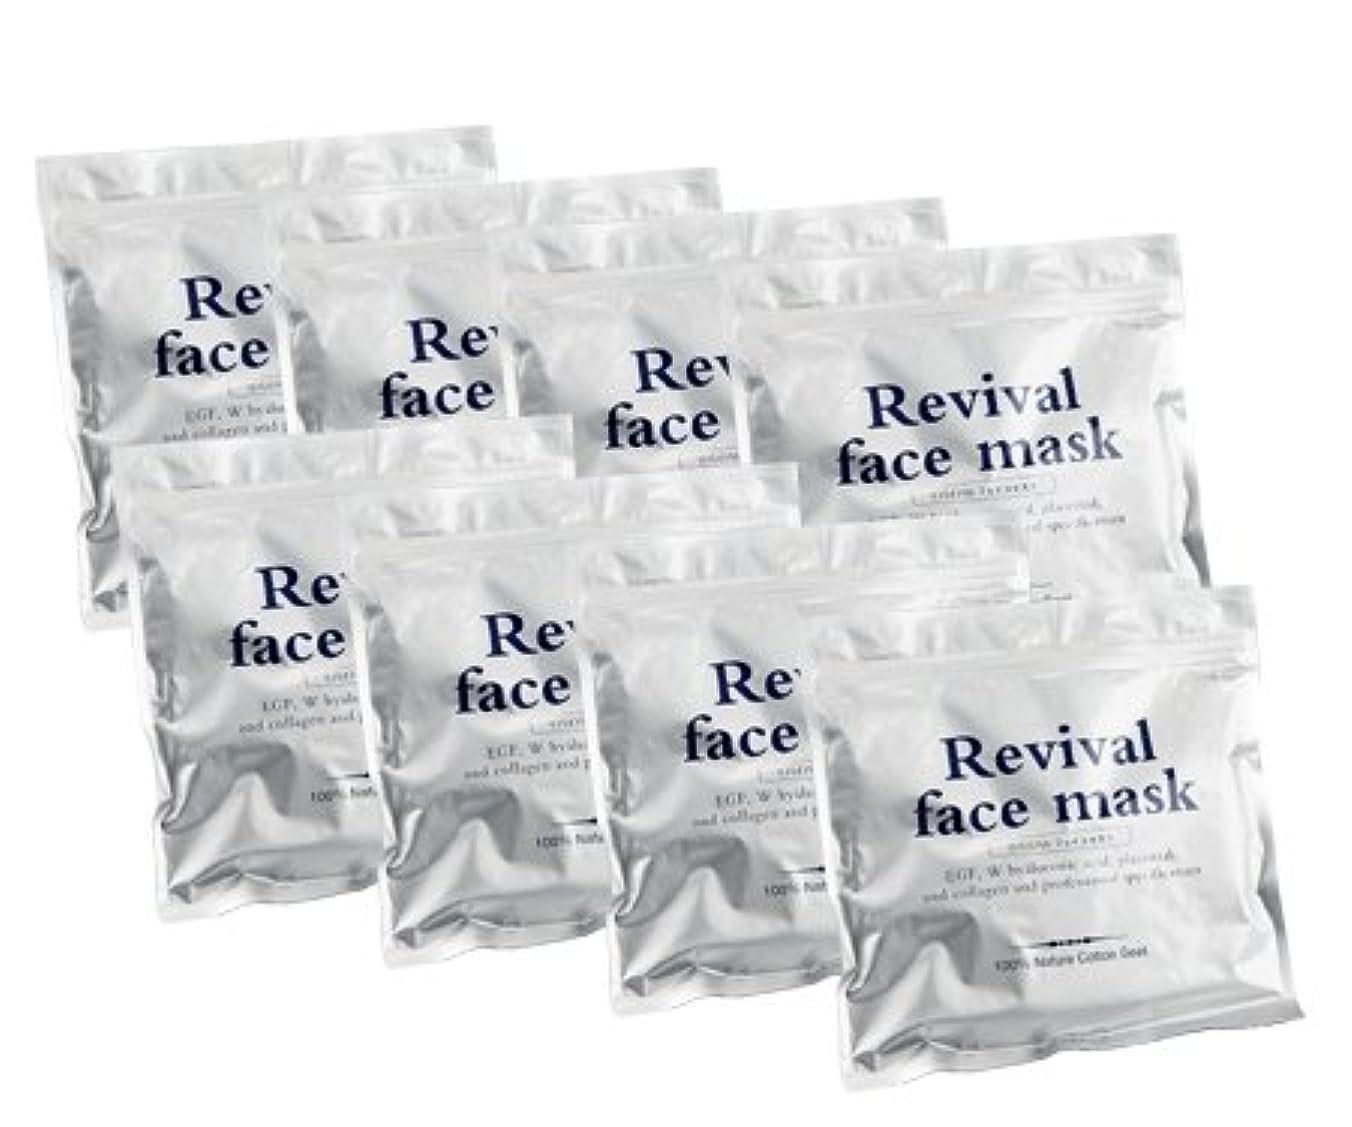 歯科の十分カセットリバイバルフェイスマスク 30枚入り 8袋セット (240枚セット)